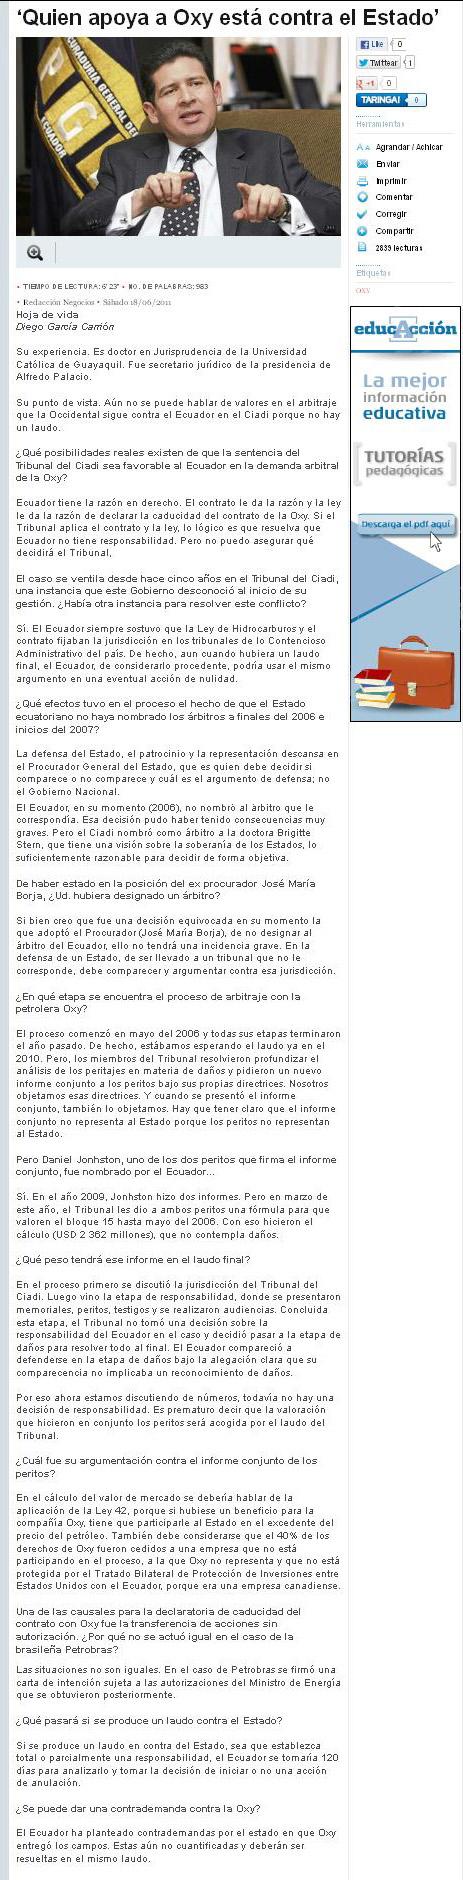 9-2011-06-18_El_Comercio_Entrevista_Procurador